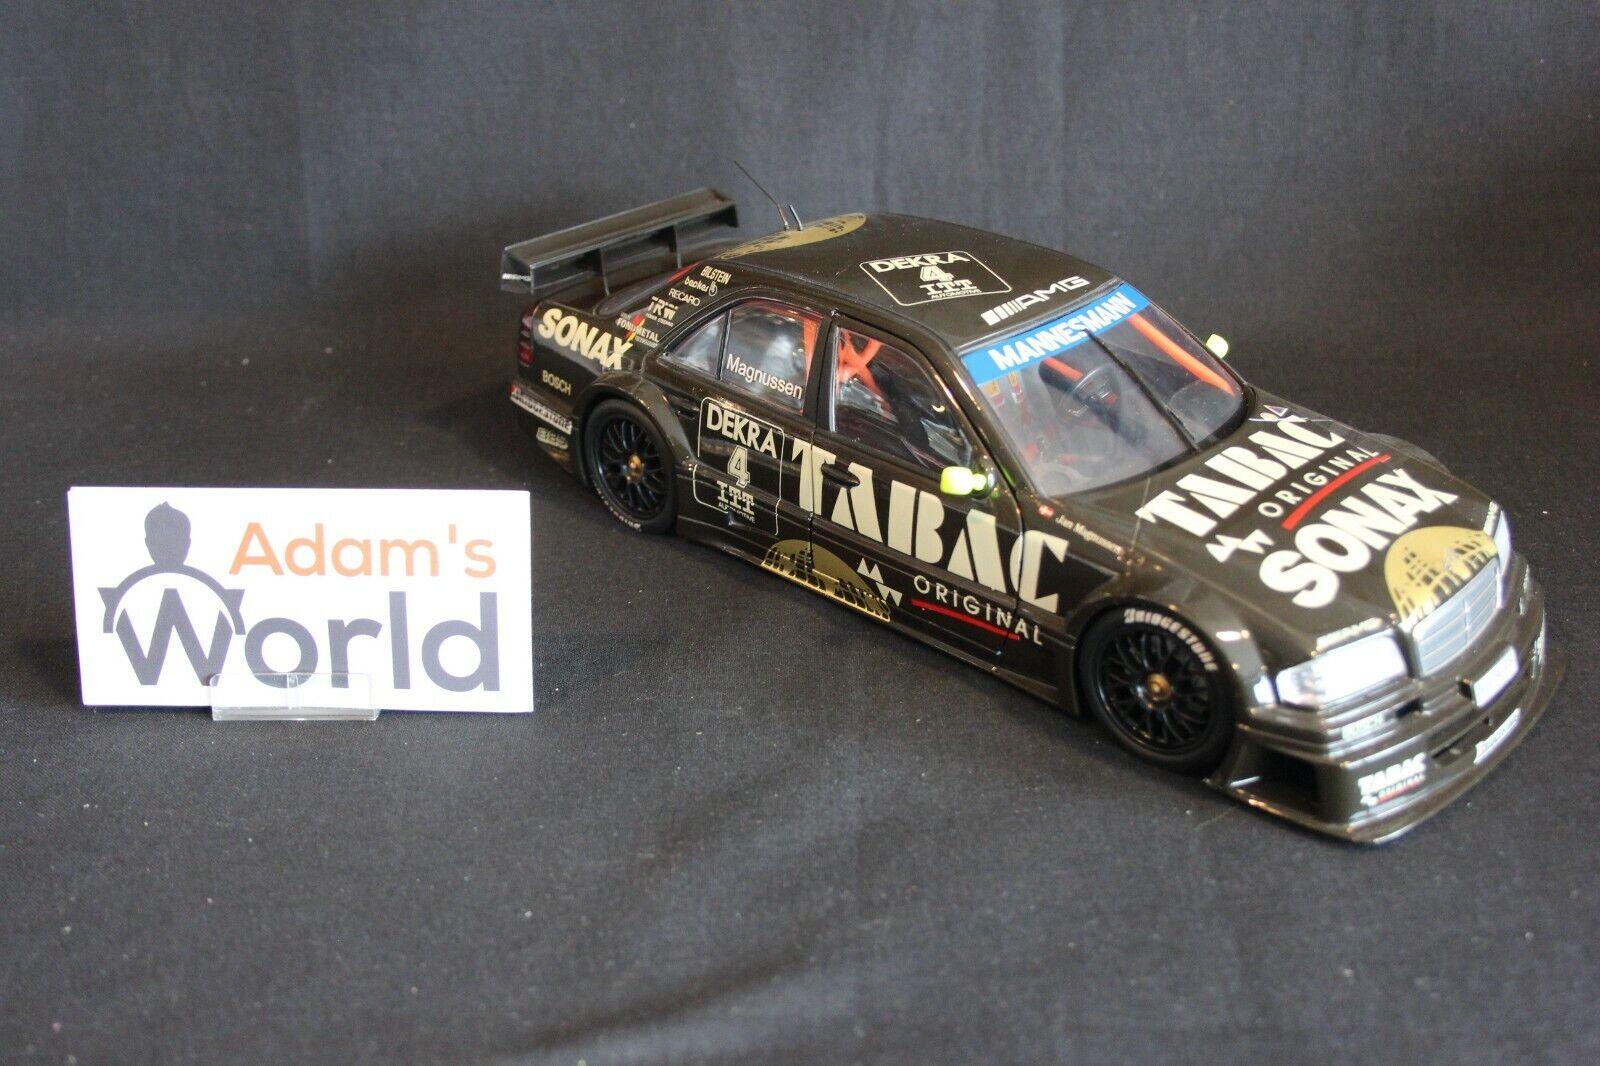 venta directa de fábrica UT Models Models Models Mercedes-Benz C-Class DTM 1995 1 18  4 Jan Magnussen (DEN) (JS)  el mas reciente